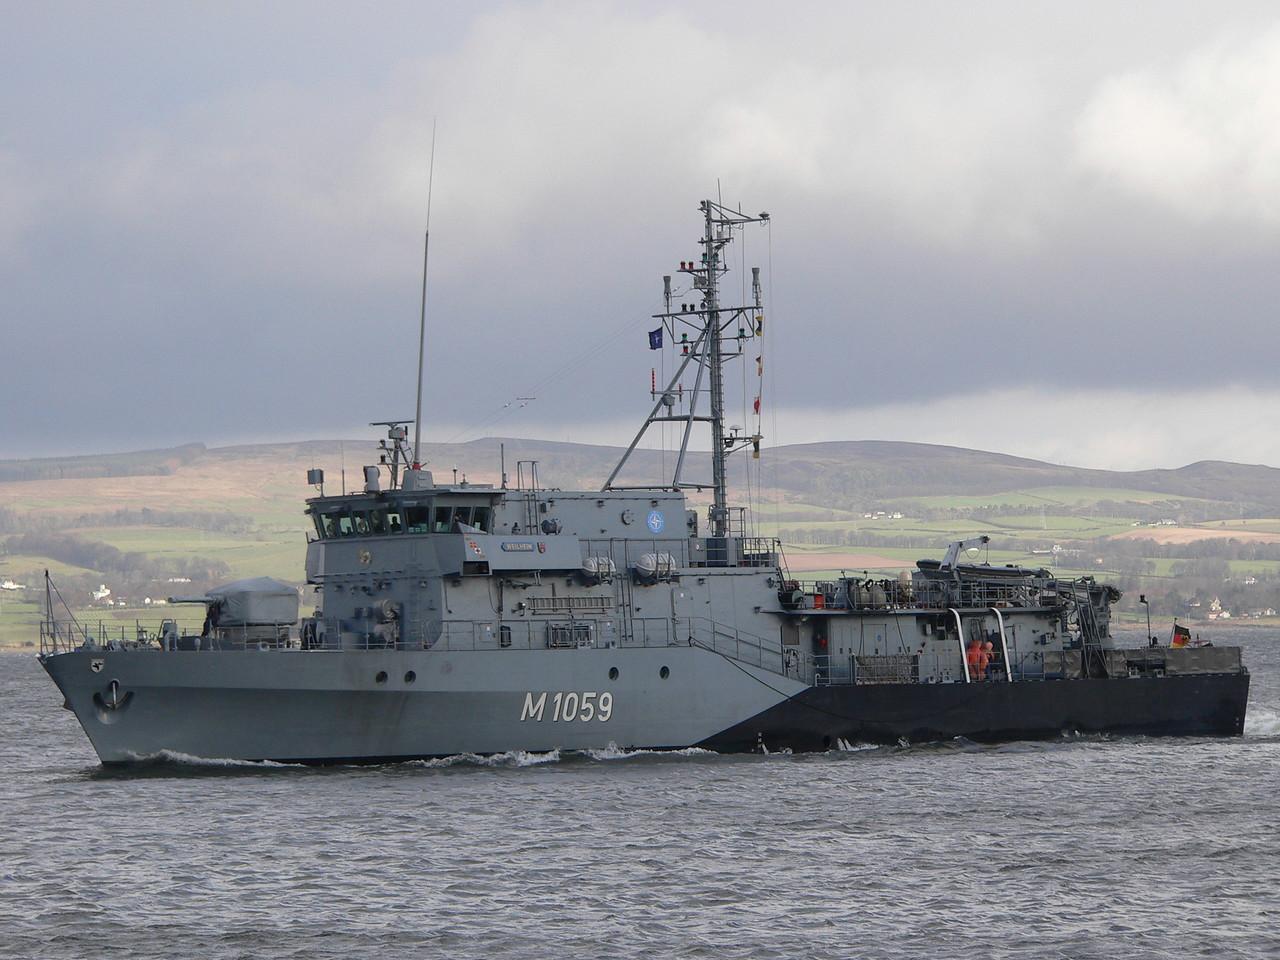 M-1059 FGS WEILHEIM